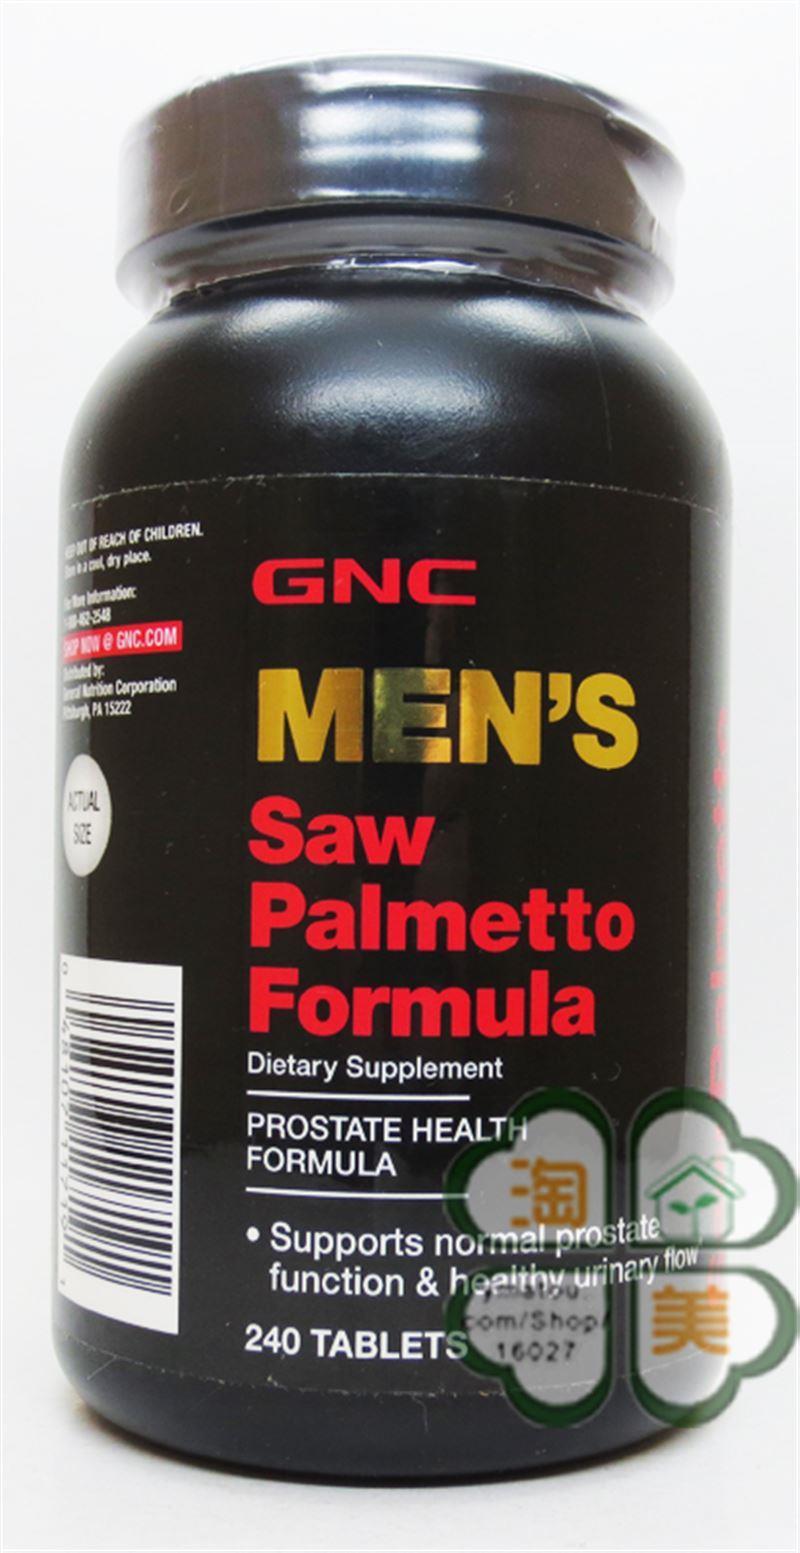 美国原装GNC男性锯棕榈美洲蒲葵配方500mg240片前列腺保健